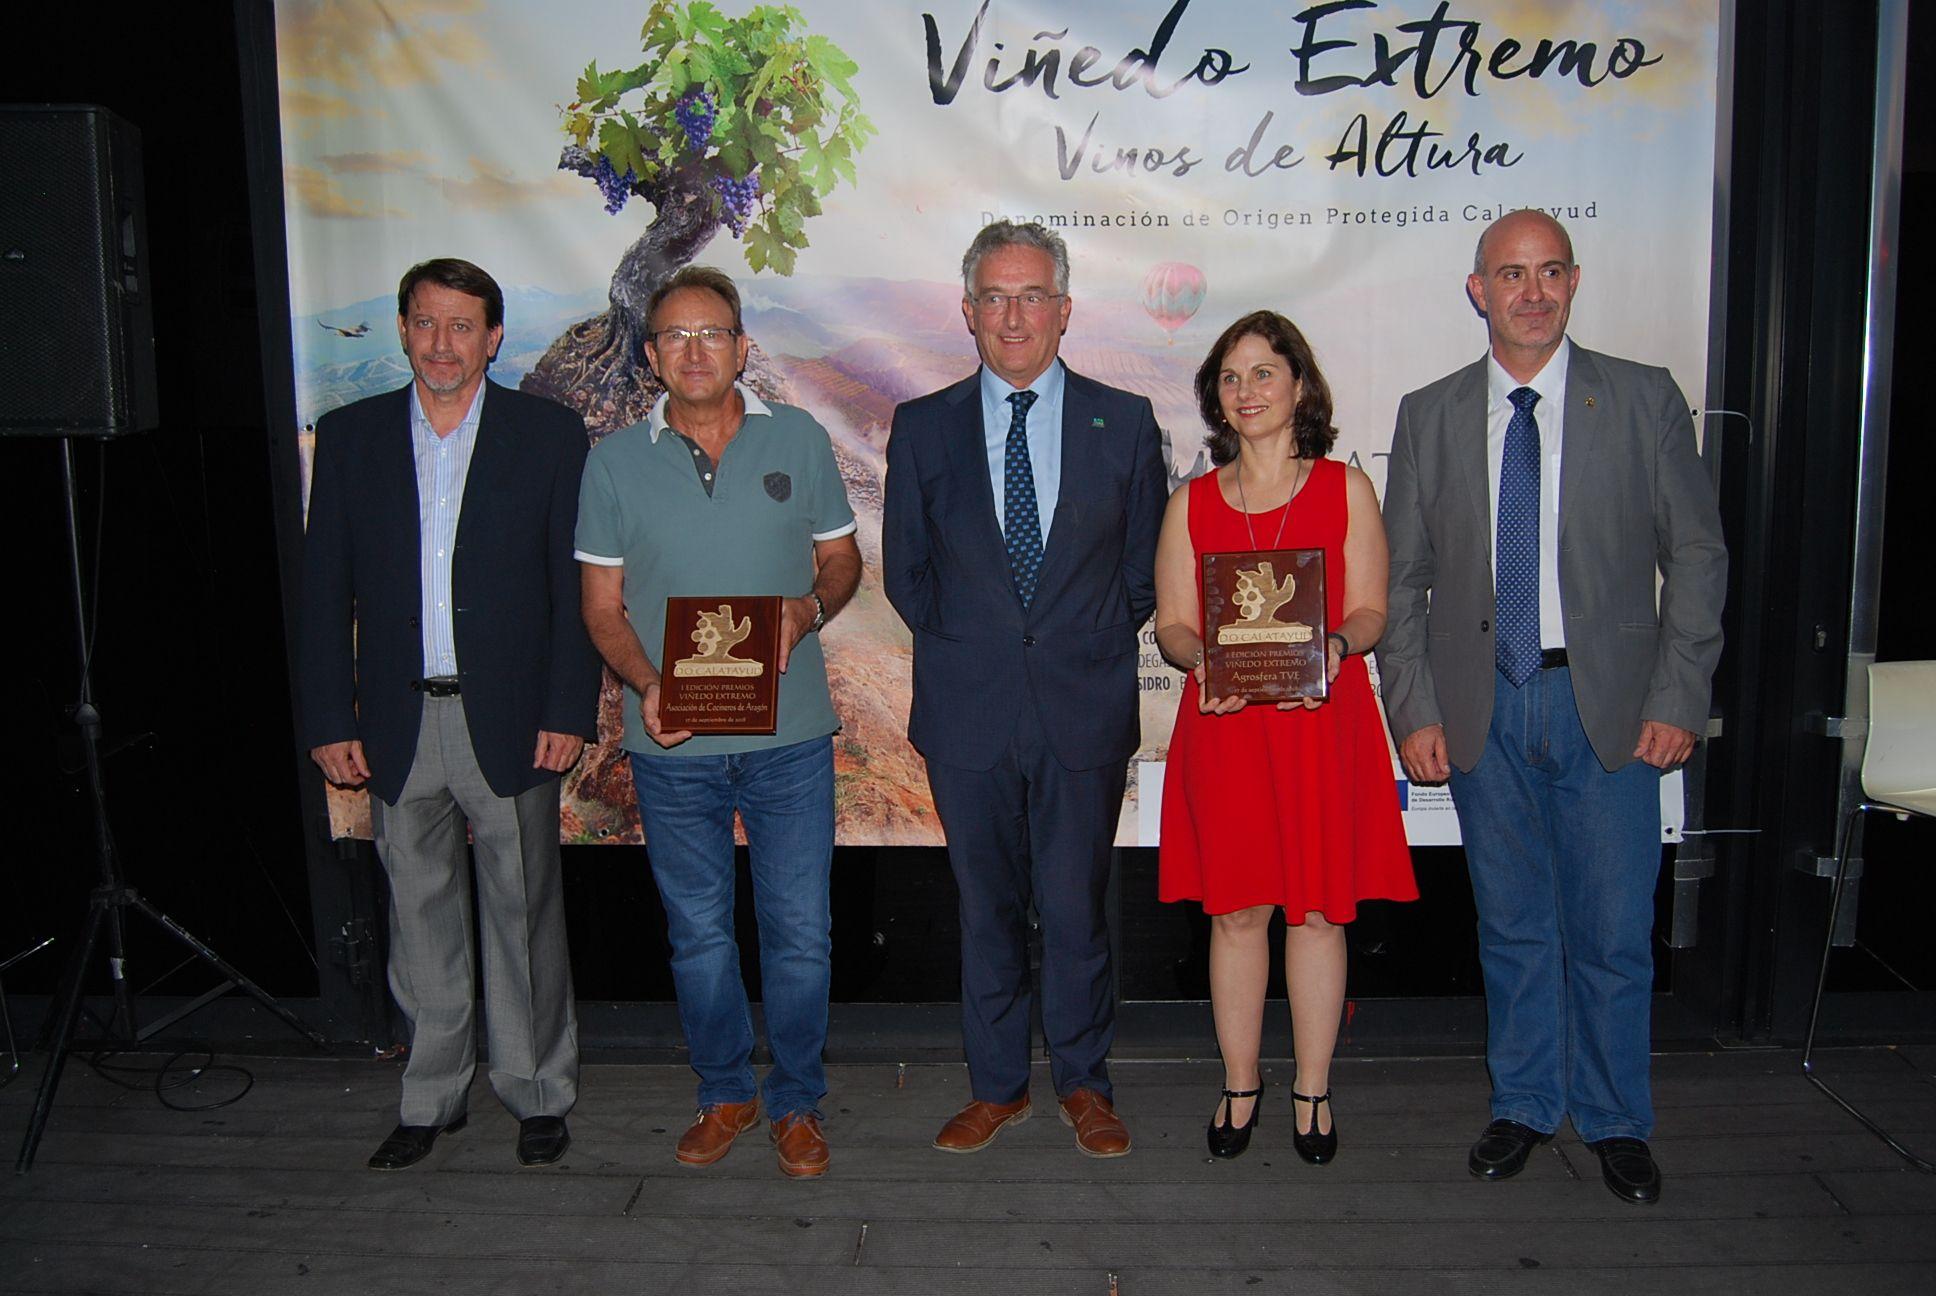 """Los vinos de Calatayud, la Asociación de Cocineros de Aragón y el programa de TVE """"Agrosfera"""", principales protagonistas de la primera edición de los premios Viñedo Extremo"""